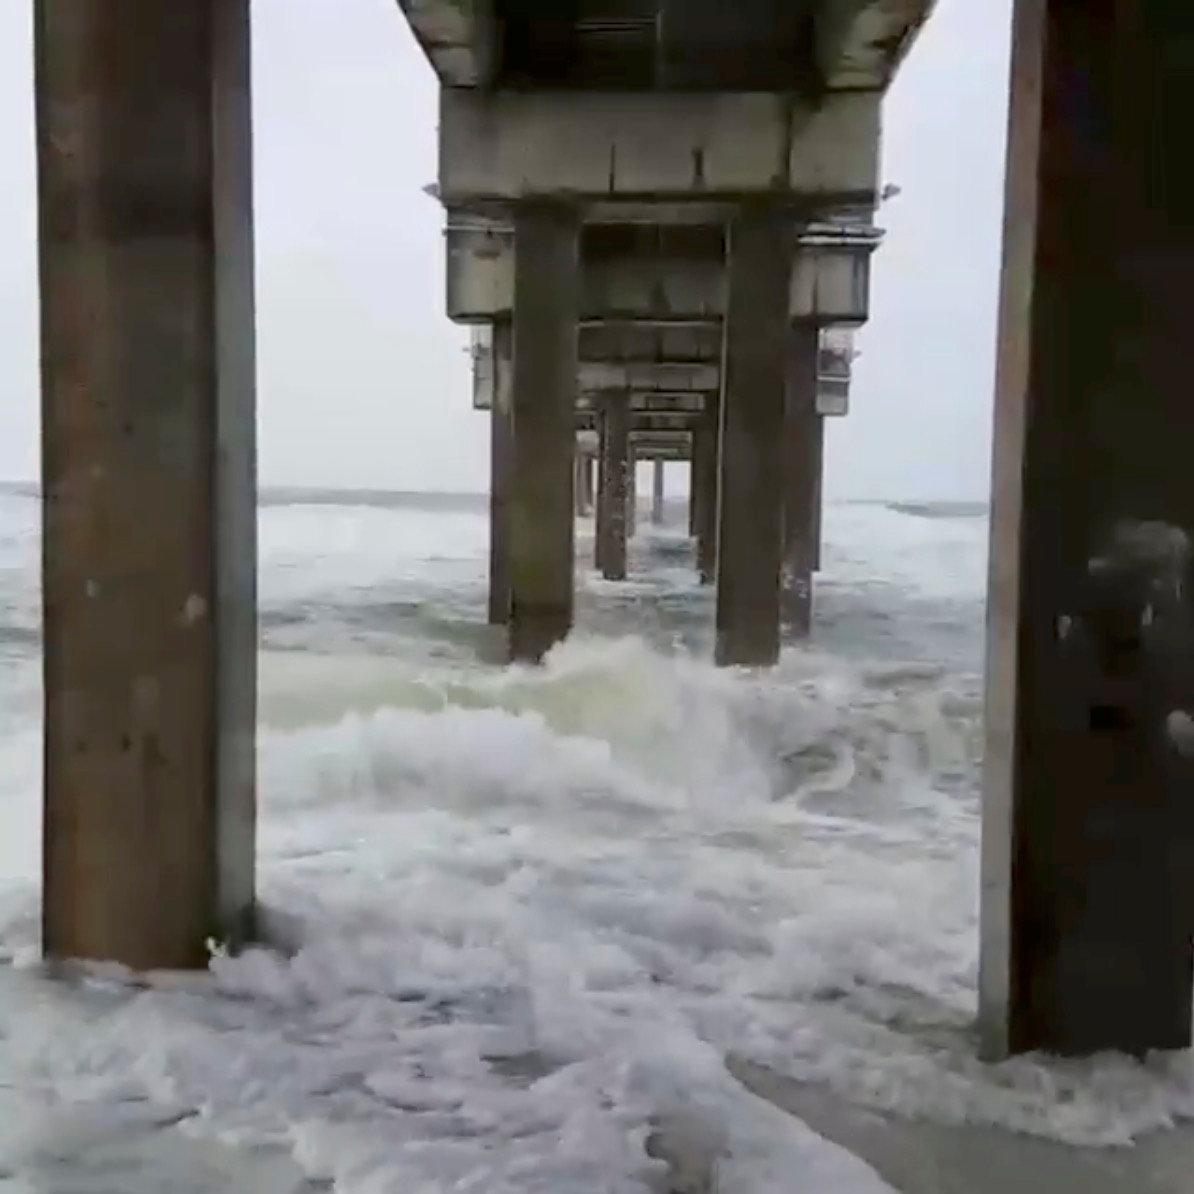 颶風內特來襲前,阿拉巴馬州橘灘已見巨浪。(路透)